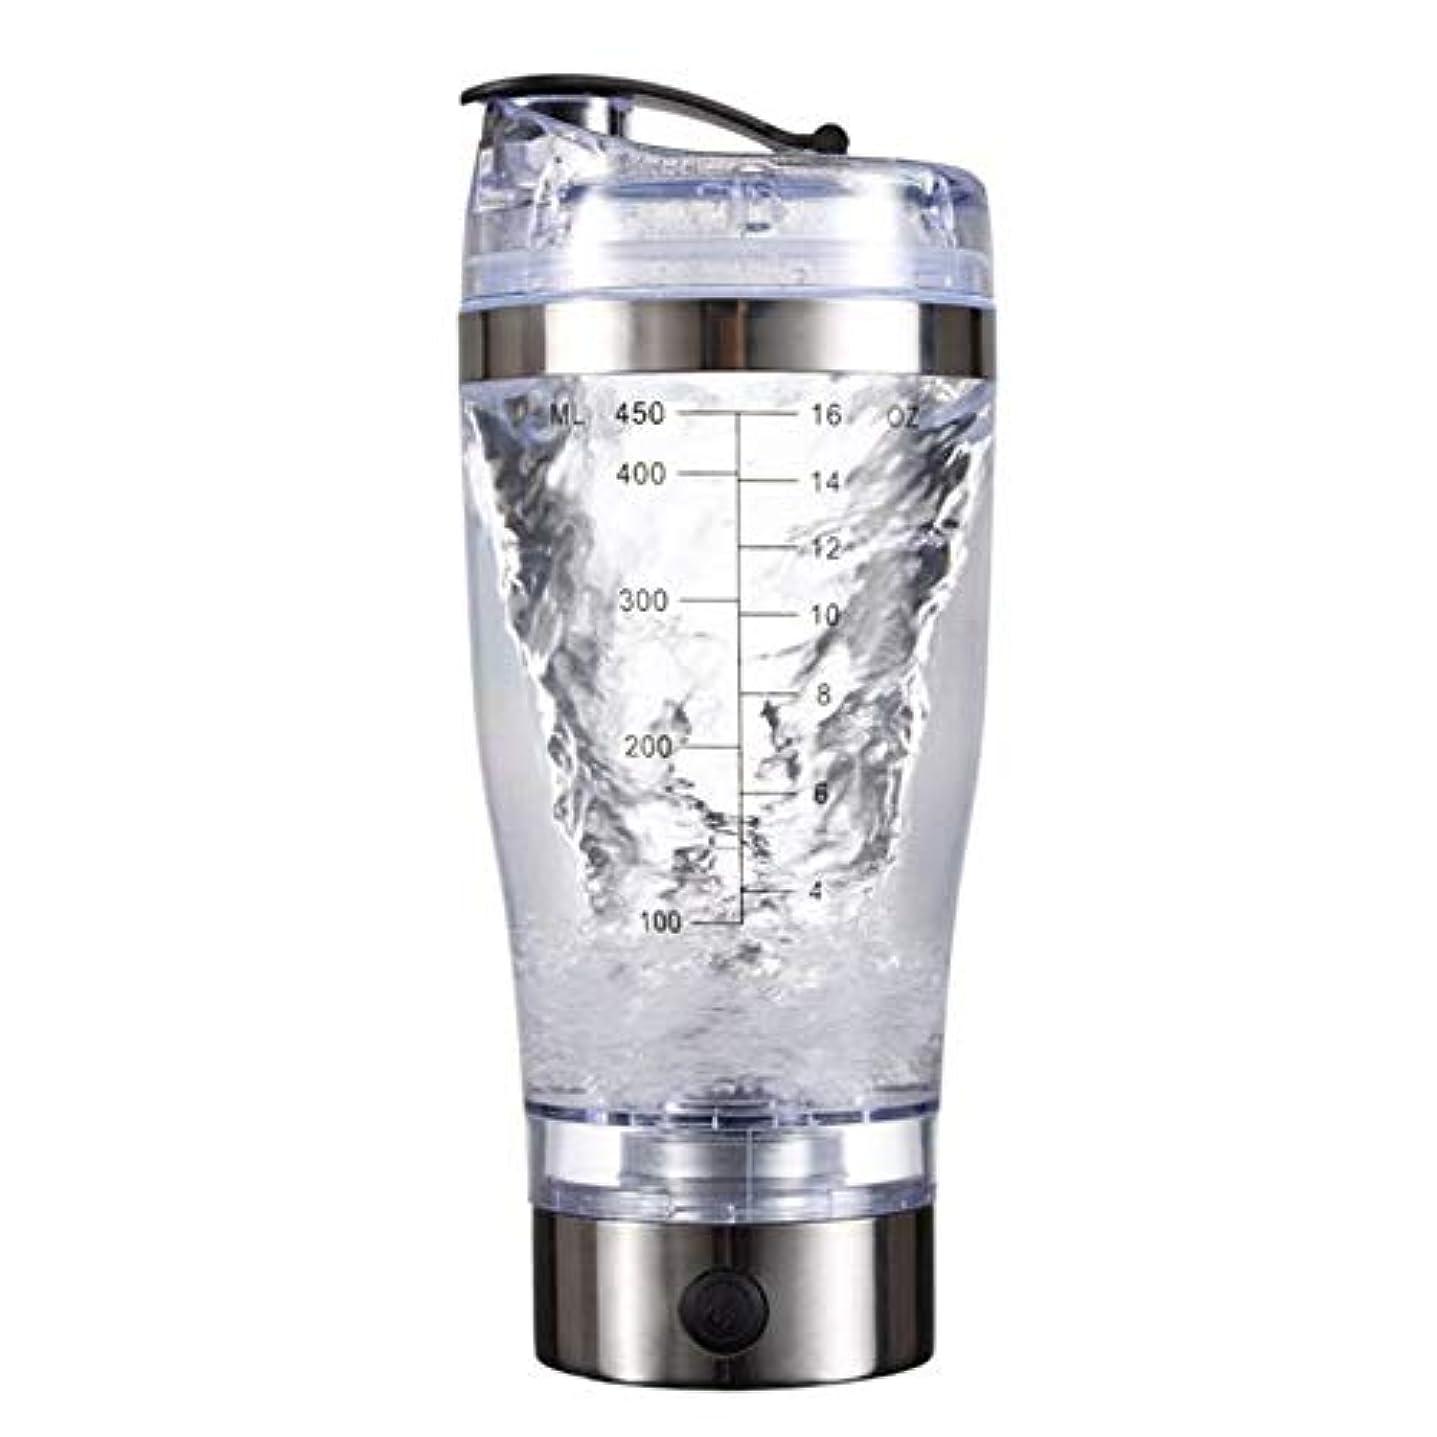 気になるカロリーエクスタシーAlioay 電動シェーカー プロテインシェーカー プロテインミキサー シェーカーボトル ミキサー 電池式 450ml 多機能 コーヒーミキサー 自動 電池式 栄養補給 健康素材 漏れ防止